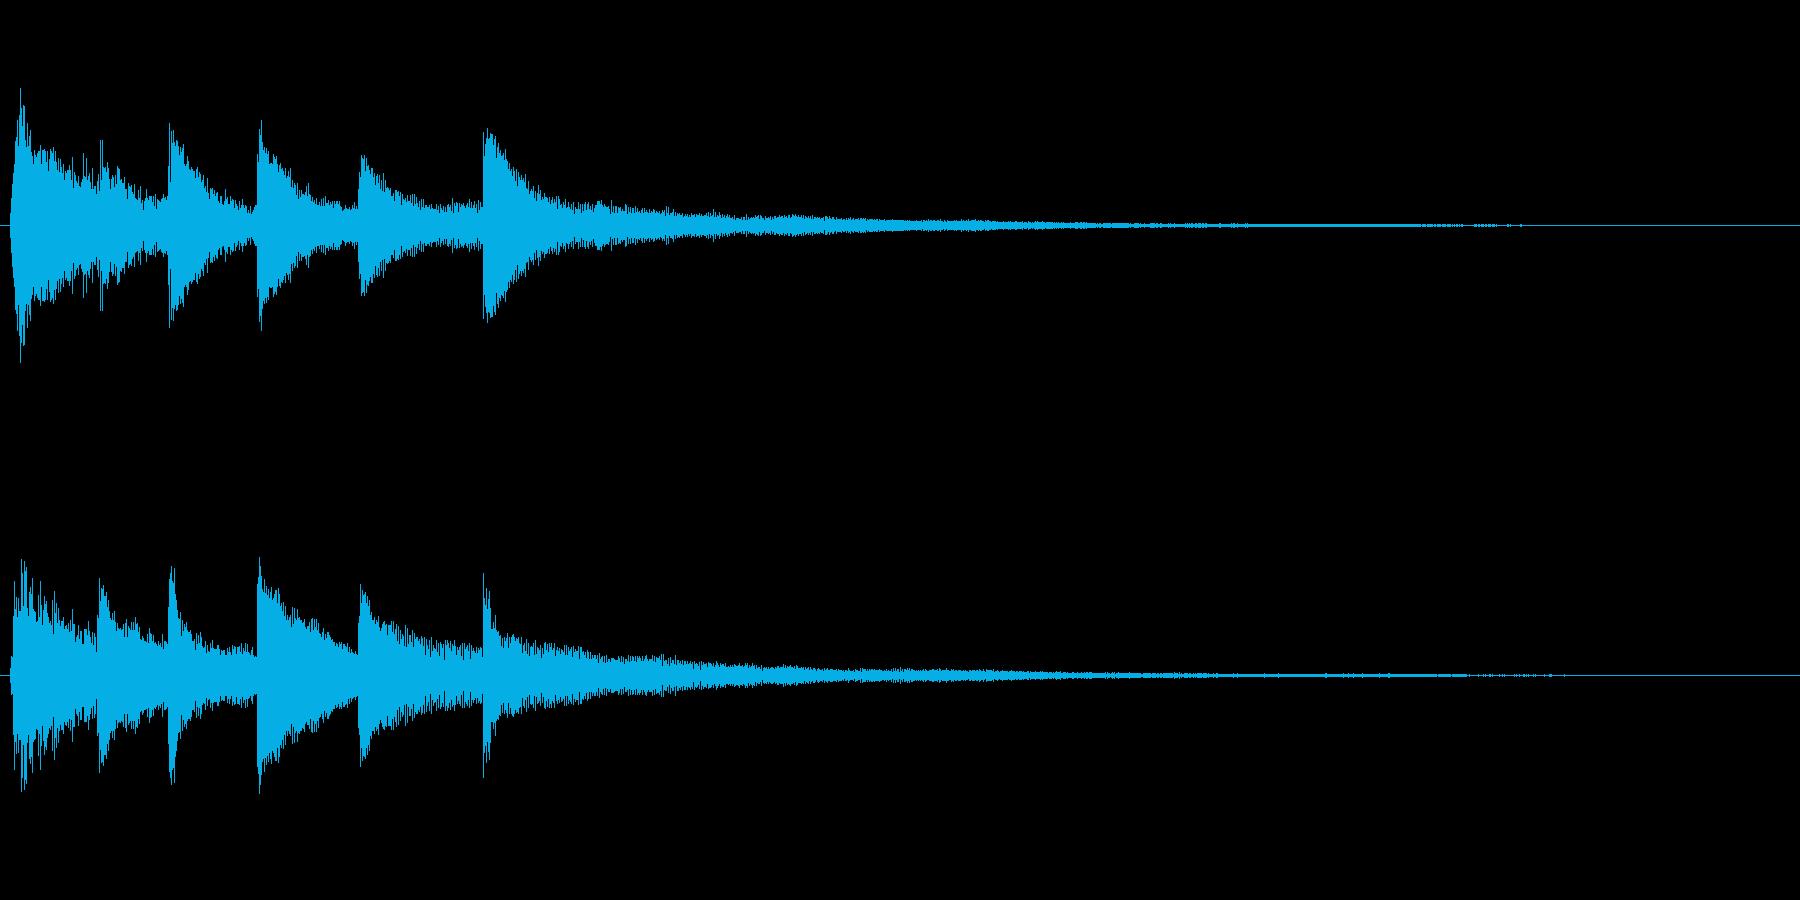 ピアノソロサウンドロゴ 優雅 大人 11の再生済みの波形